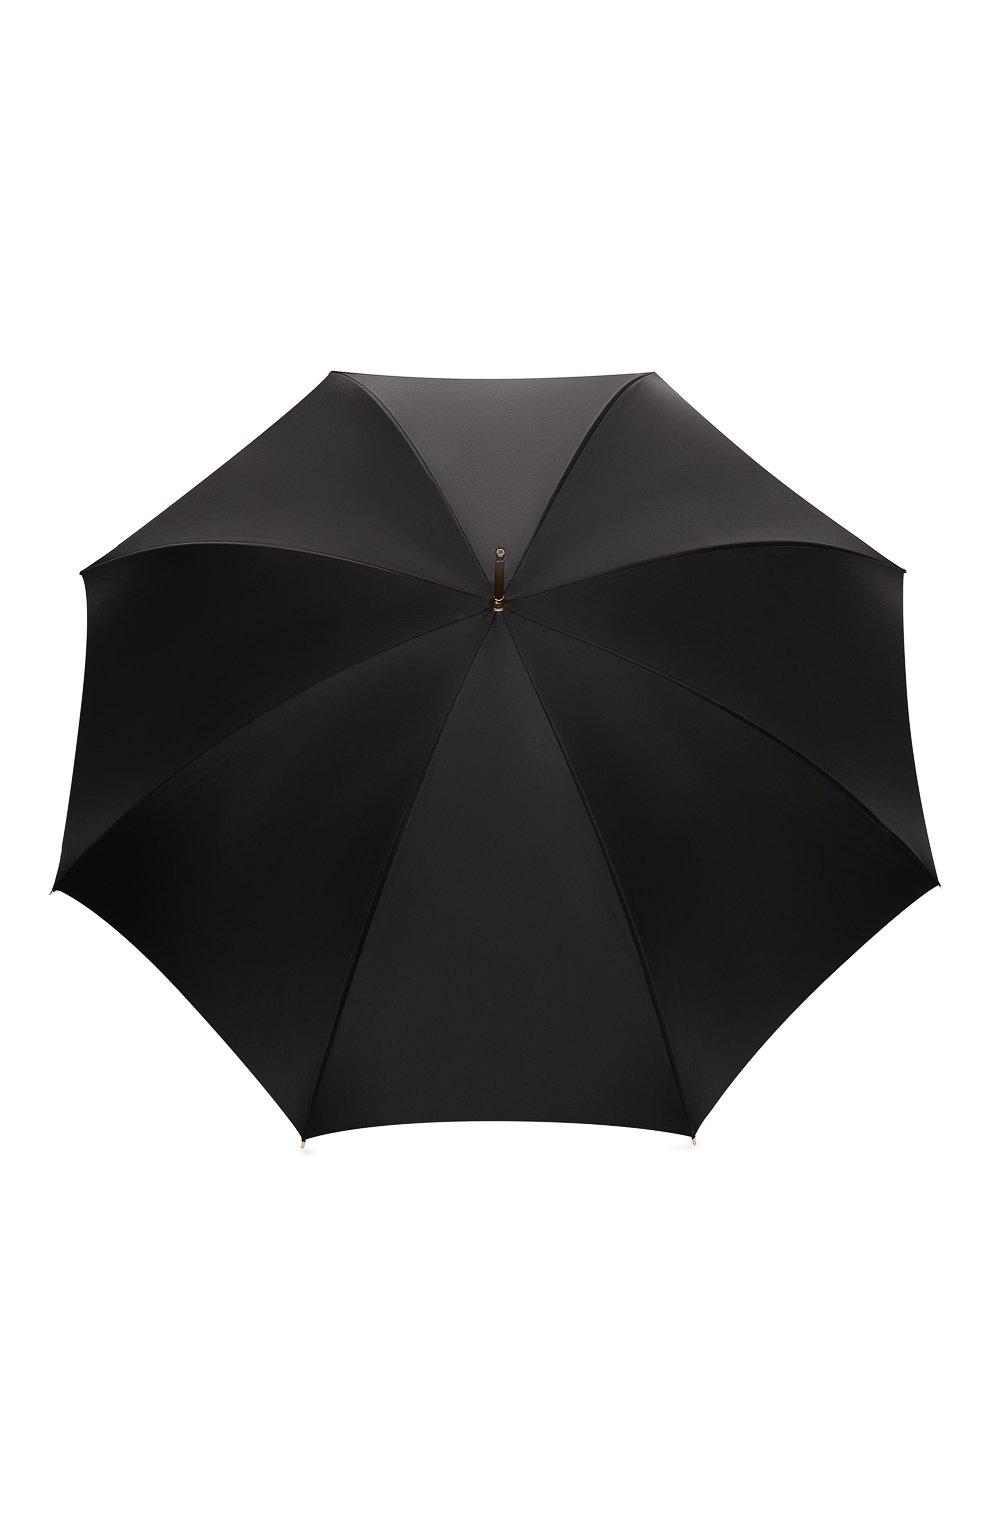 Женский зонт-трость PASOTTI OMBRELLI черного цвета, арт. 189/RAS0 5A488/92/PELLE | Фото 1 (Материал: Текстиль, Металл)